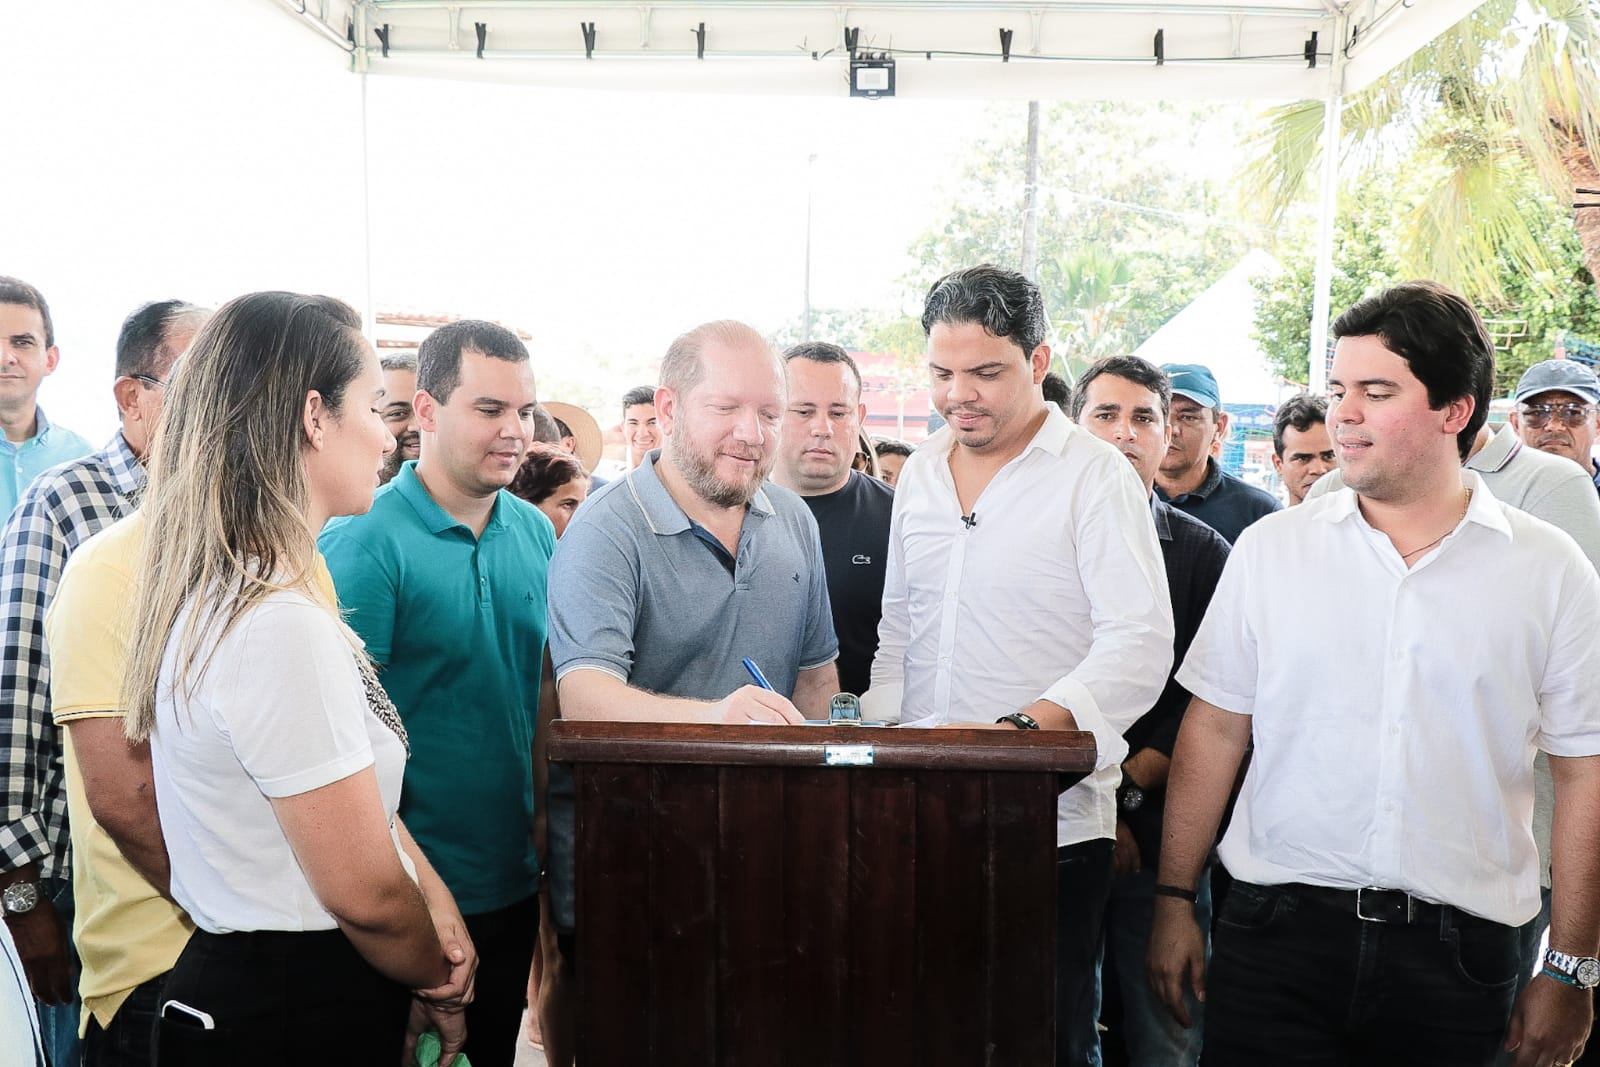 Othelino Neto participa da assinatura da ordem de serviço para revitalização da Praça do Centenário, observado por Luciano Genésio, Thaiza Hortegal, Diego Galdino e André Fufuca